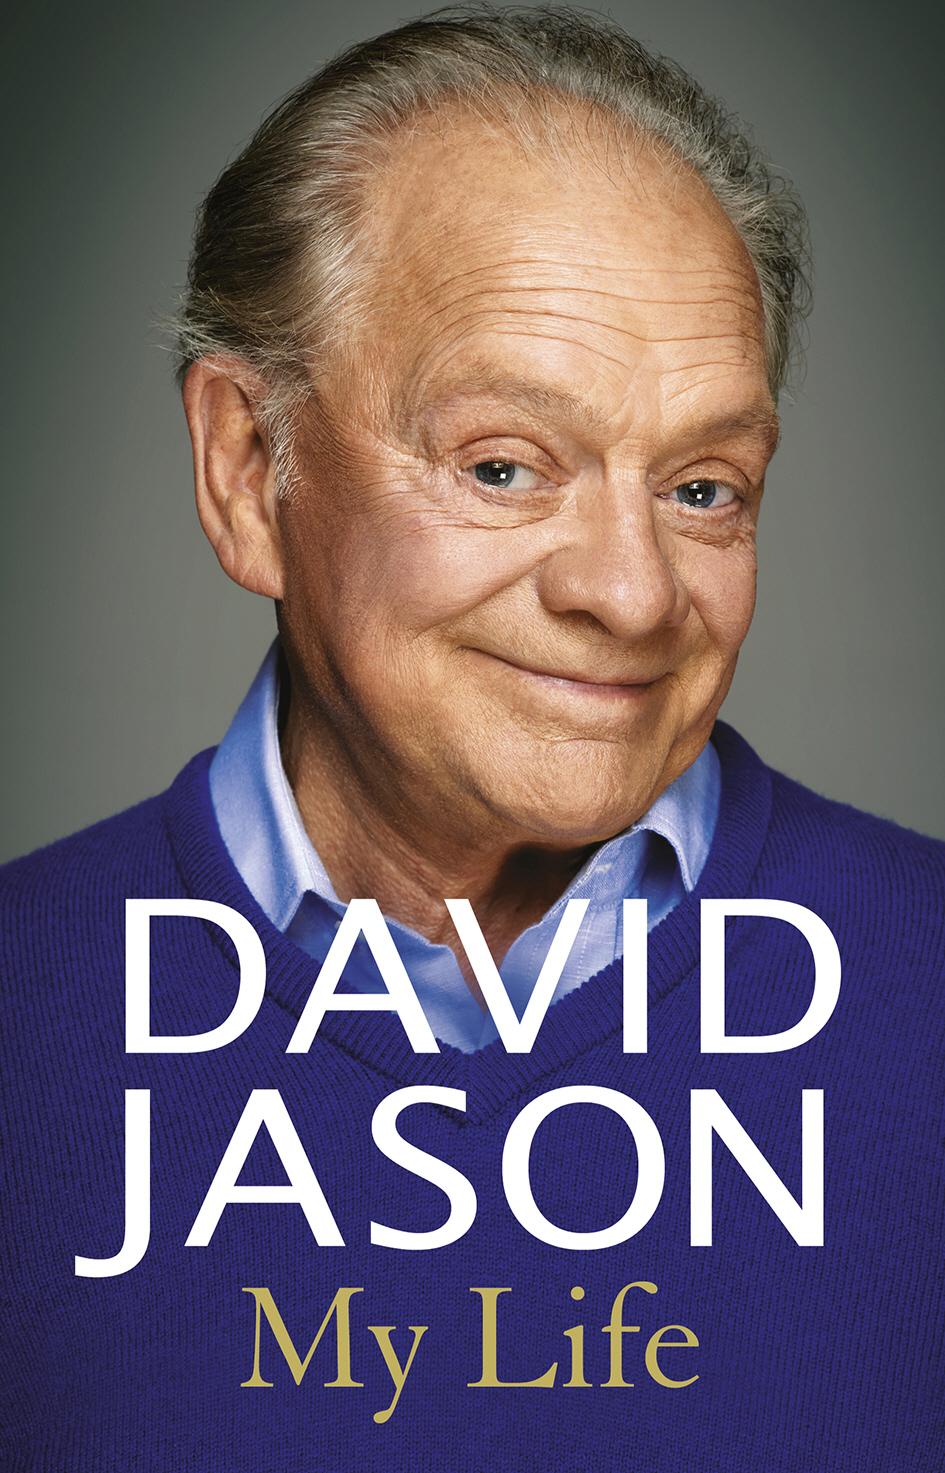 David Jason